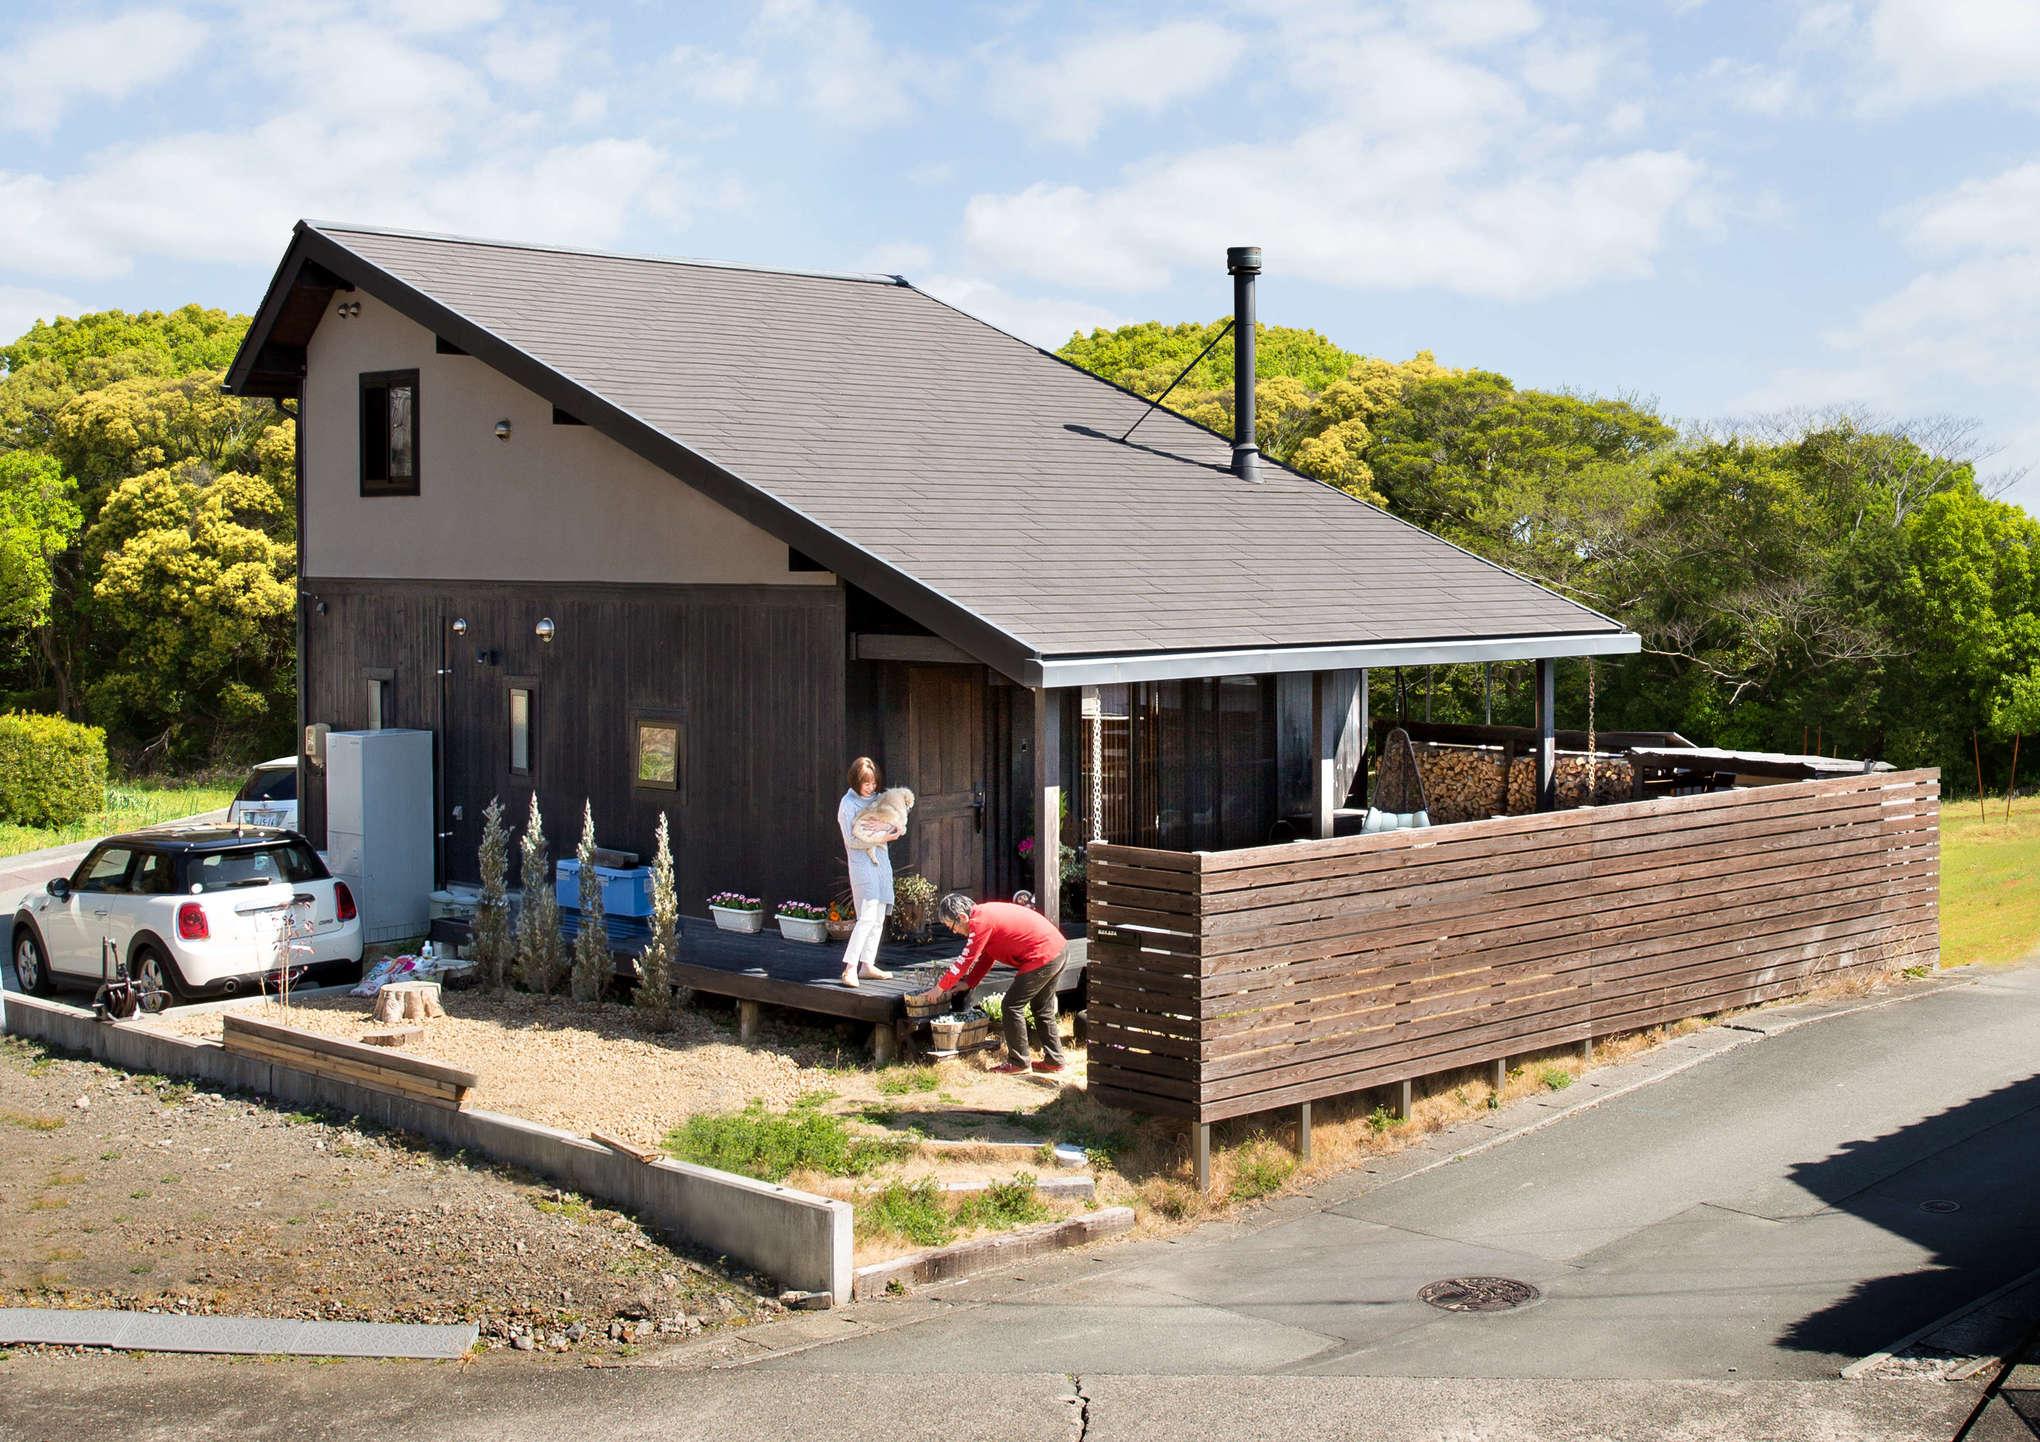 深い軒をもたらす大屋根の存在感と、杉板を貼った外壁が目を引く「程々の家」。和の風合いと、スマートなデザインを融合させた所に魅力がある。「家を訪れた方から、『かっこいい家ですね』『素敵ですね』と褒めていただくたびに嬉しくなります」そう夫妻は笑う